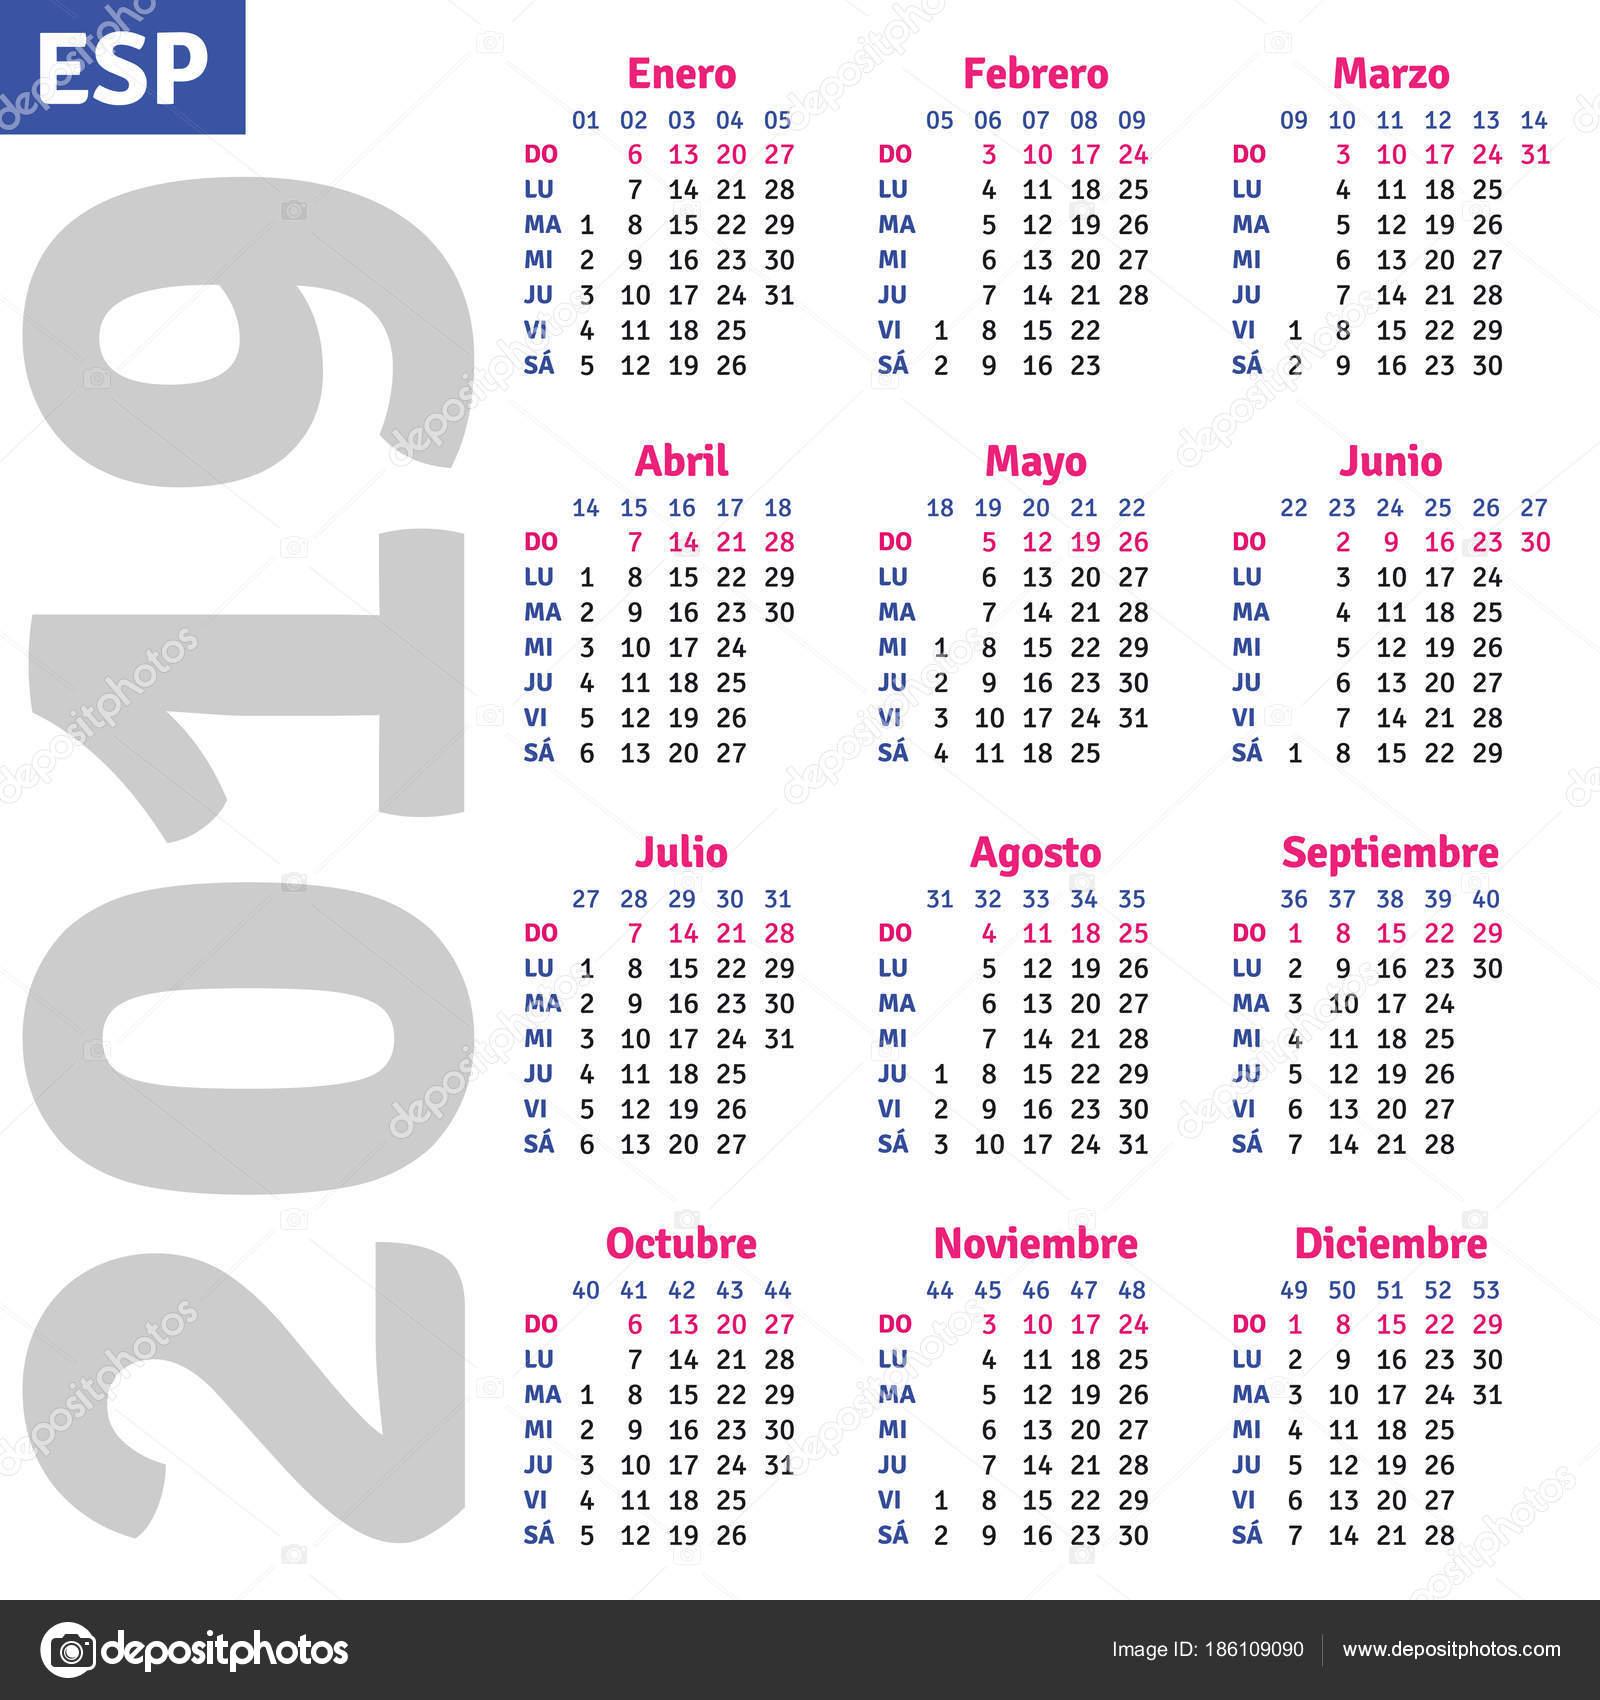 Calendario Vectorizado.Spanish Calendar 2019 Stock Vector C Rustamank 186109090